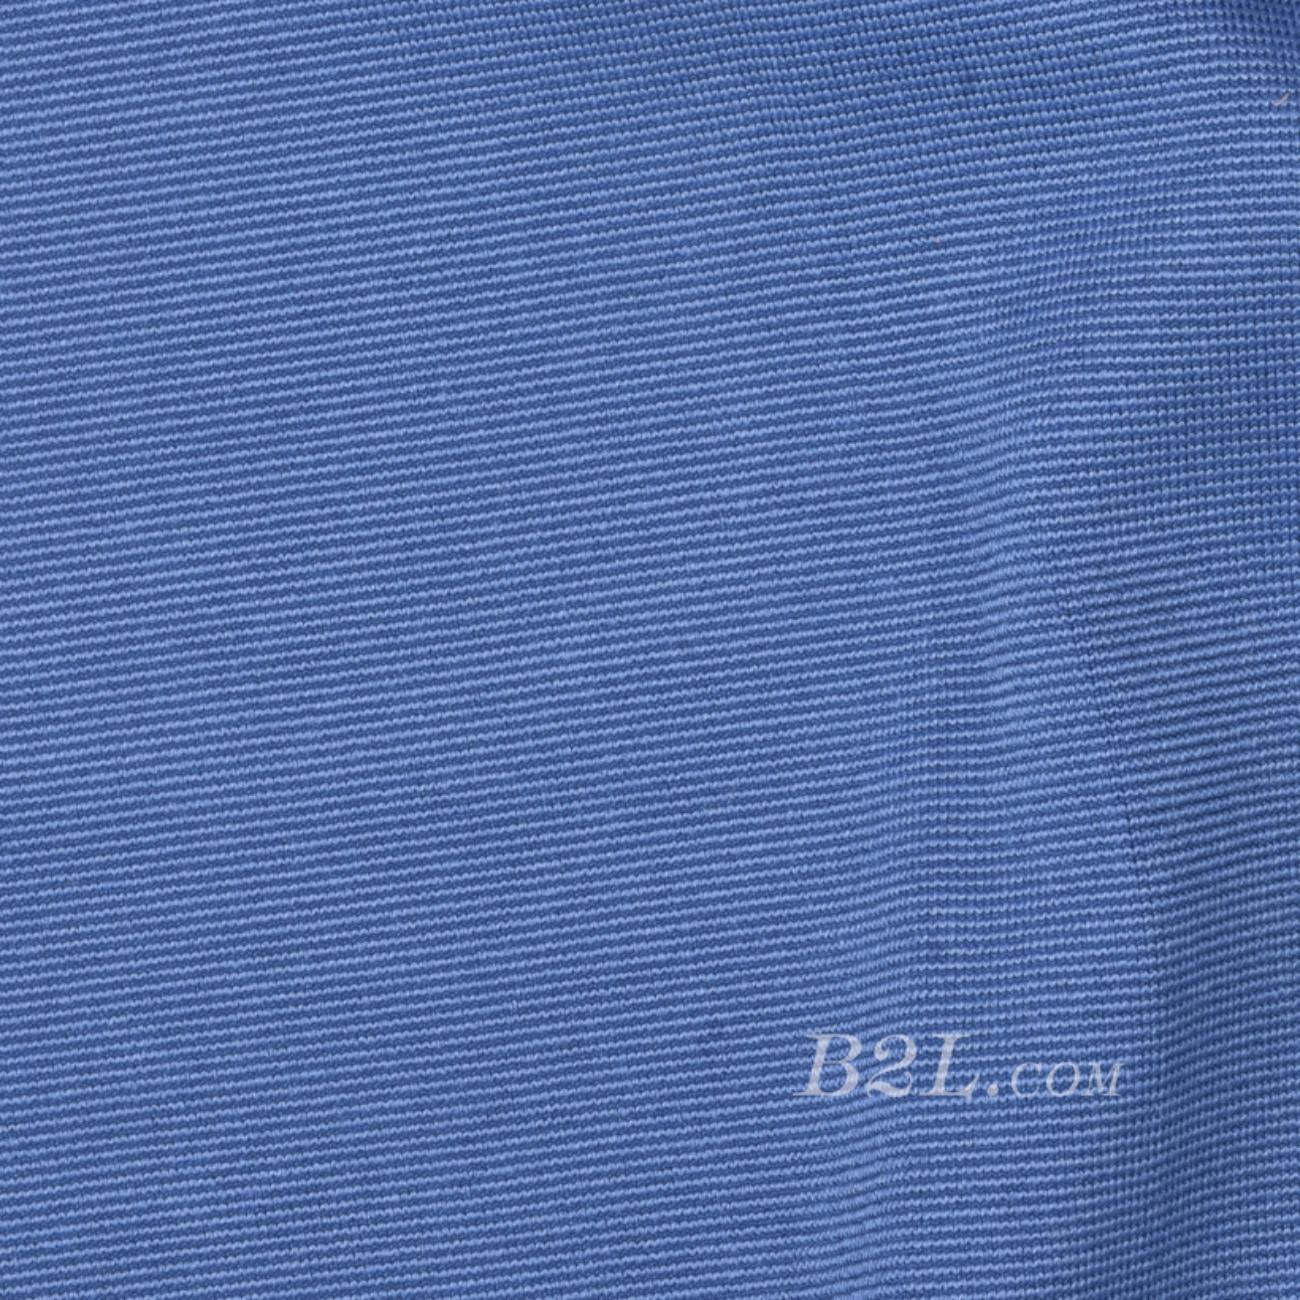 素色 梭织 染色 四面弹 醋酸 平纹 春夏 女装 T恤 连衣裙 90723-8